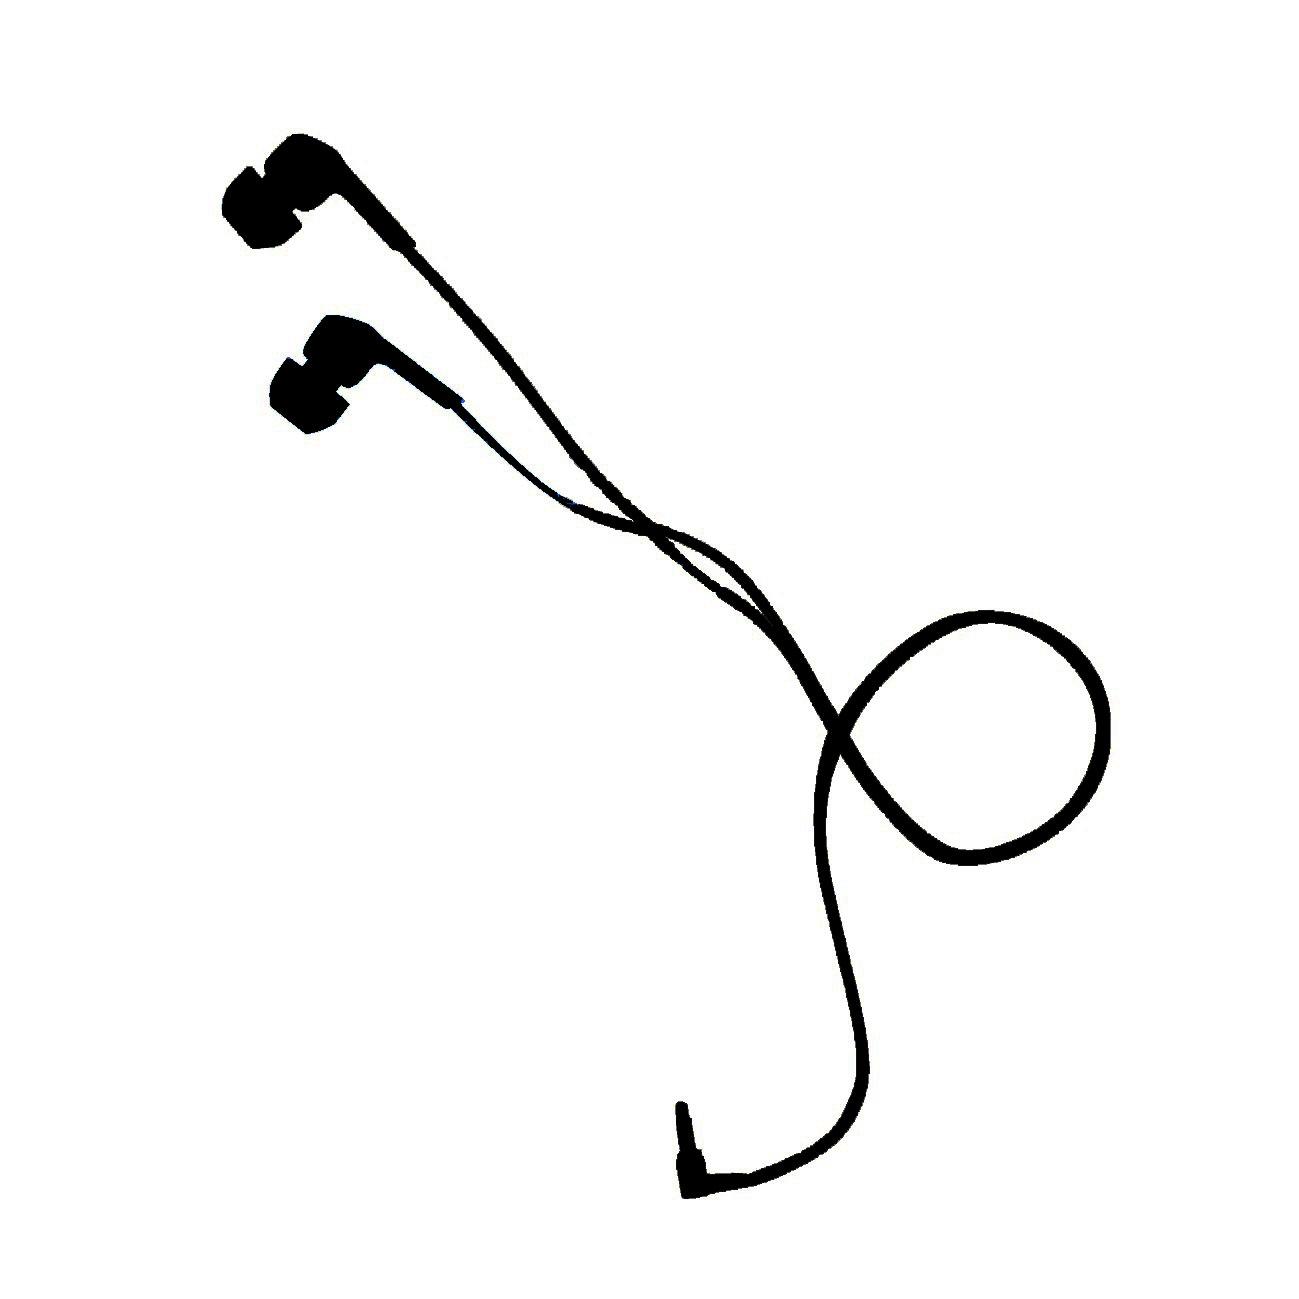 耳をふさがないイヤホンにワイヤレスモデル「wireless earcuffs」が登場